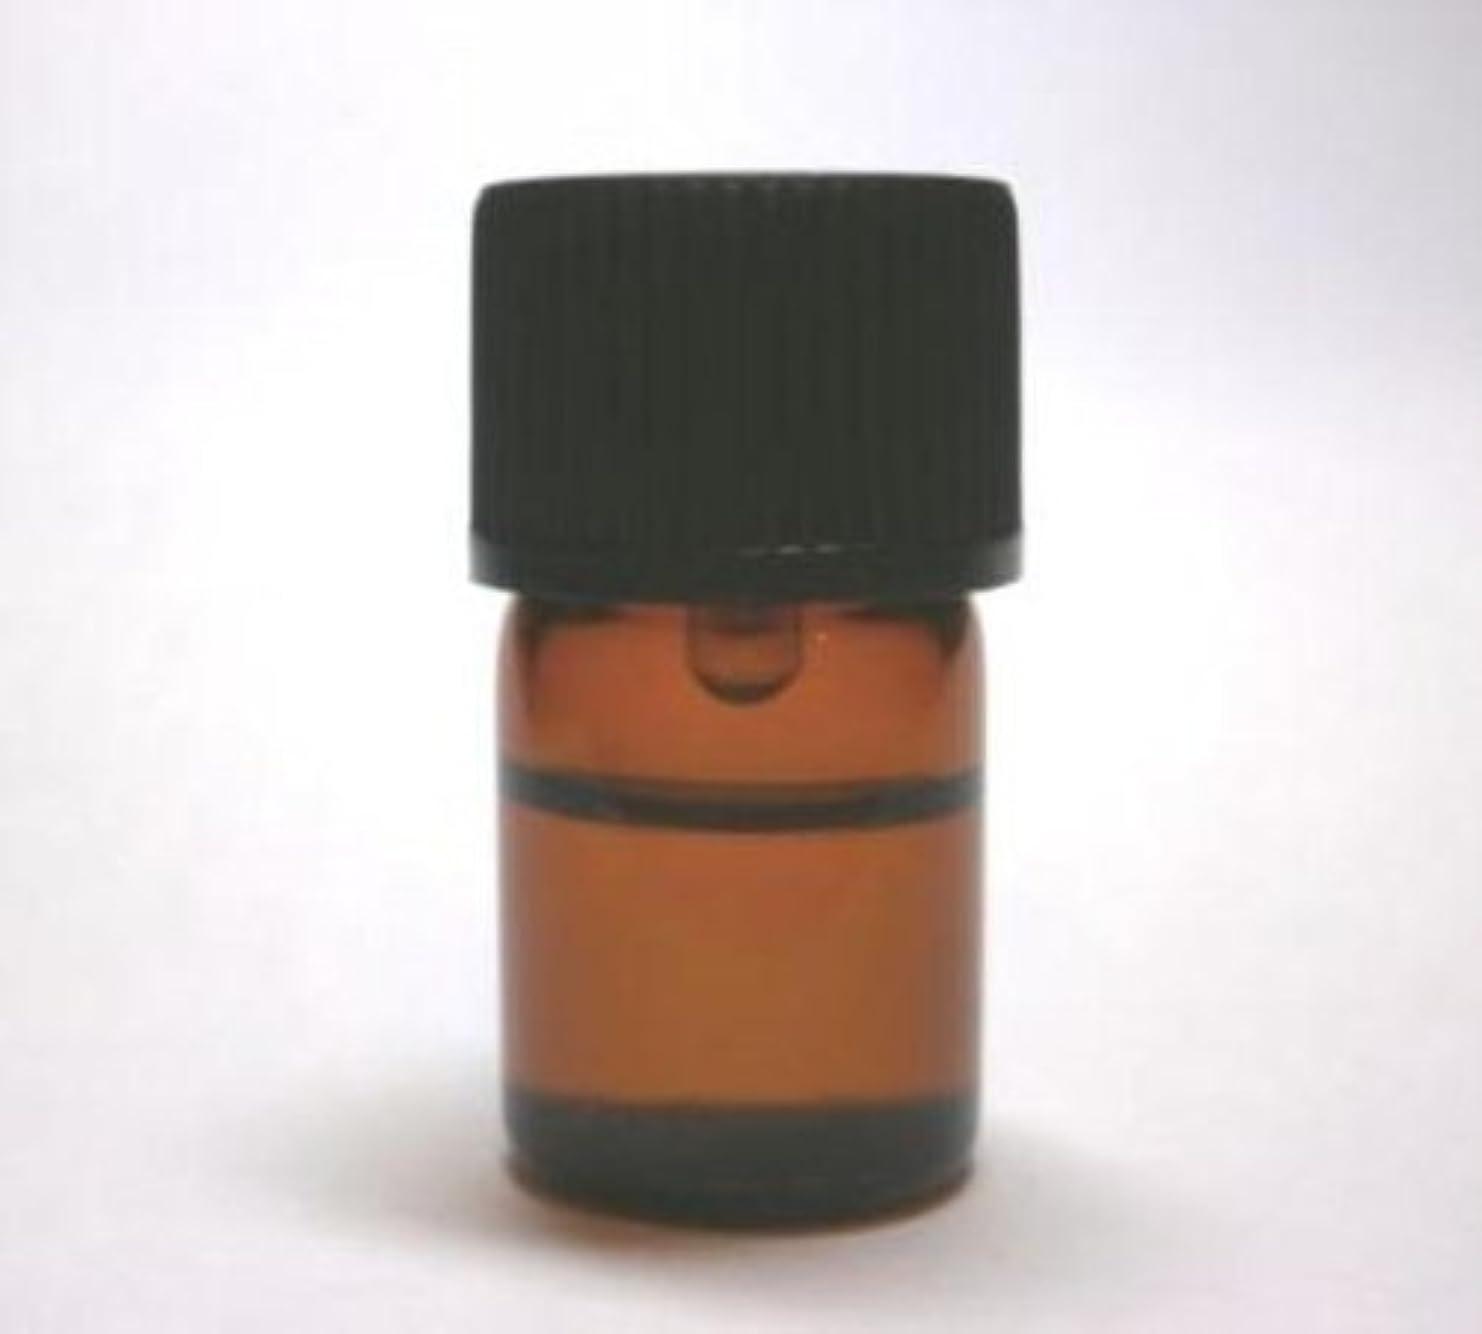 乱気流準拠プレビューローズオットー100%:3ml/ローズエッセンシャルオイル/ローズ精油/ローズオイル